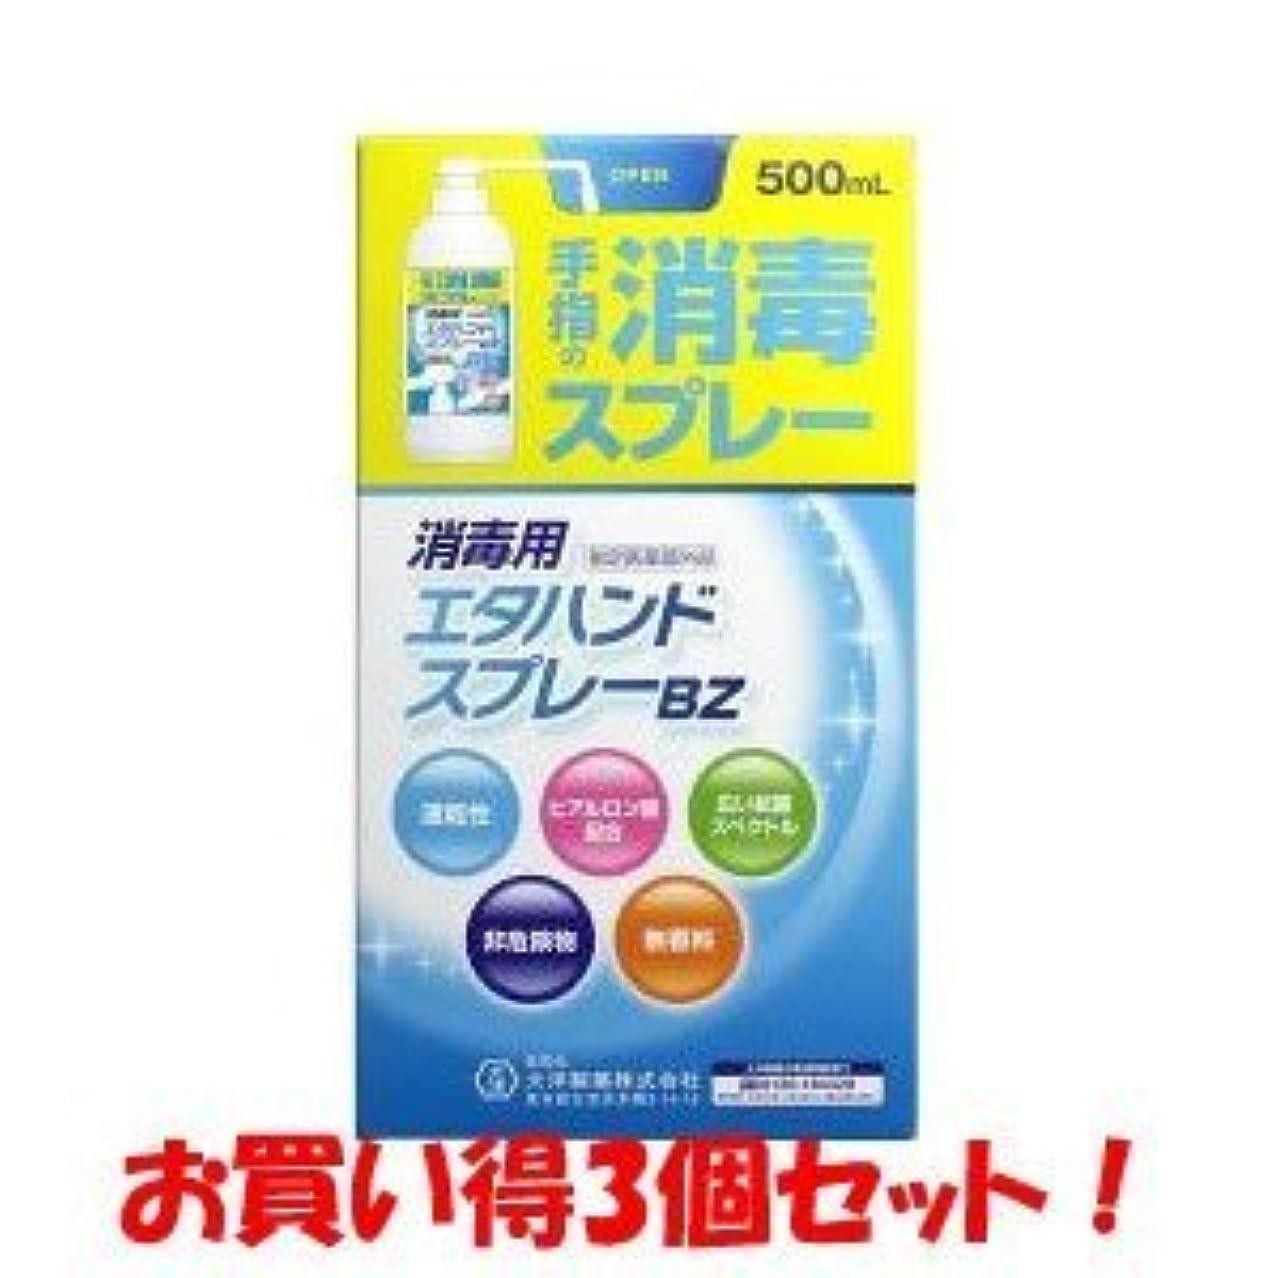 一見リラックス記念品(大洋製薬)大洋製薬 消毒用エタハンドスプレーBZ 500ml(医薬部外品)(お買い得3個セット)